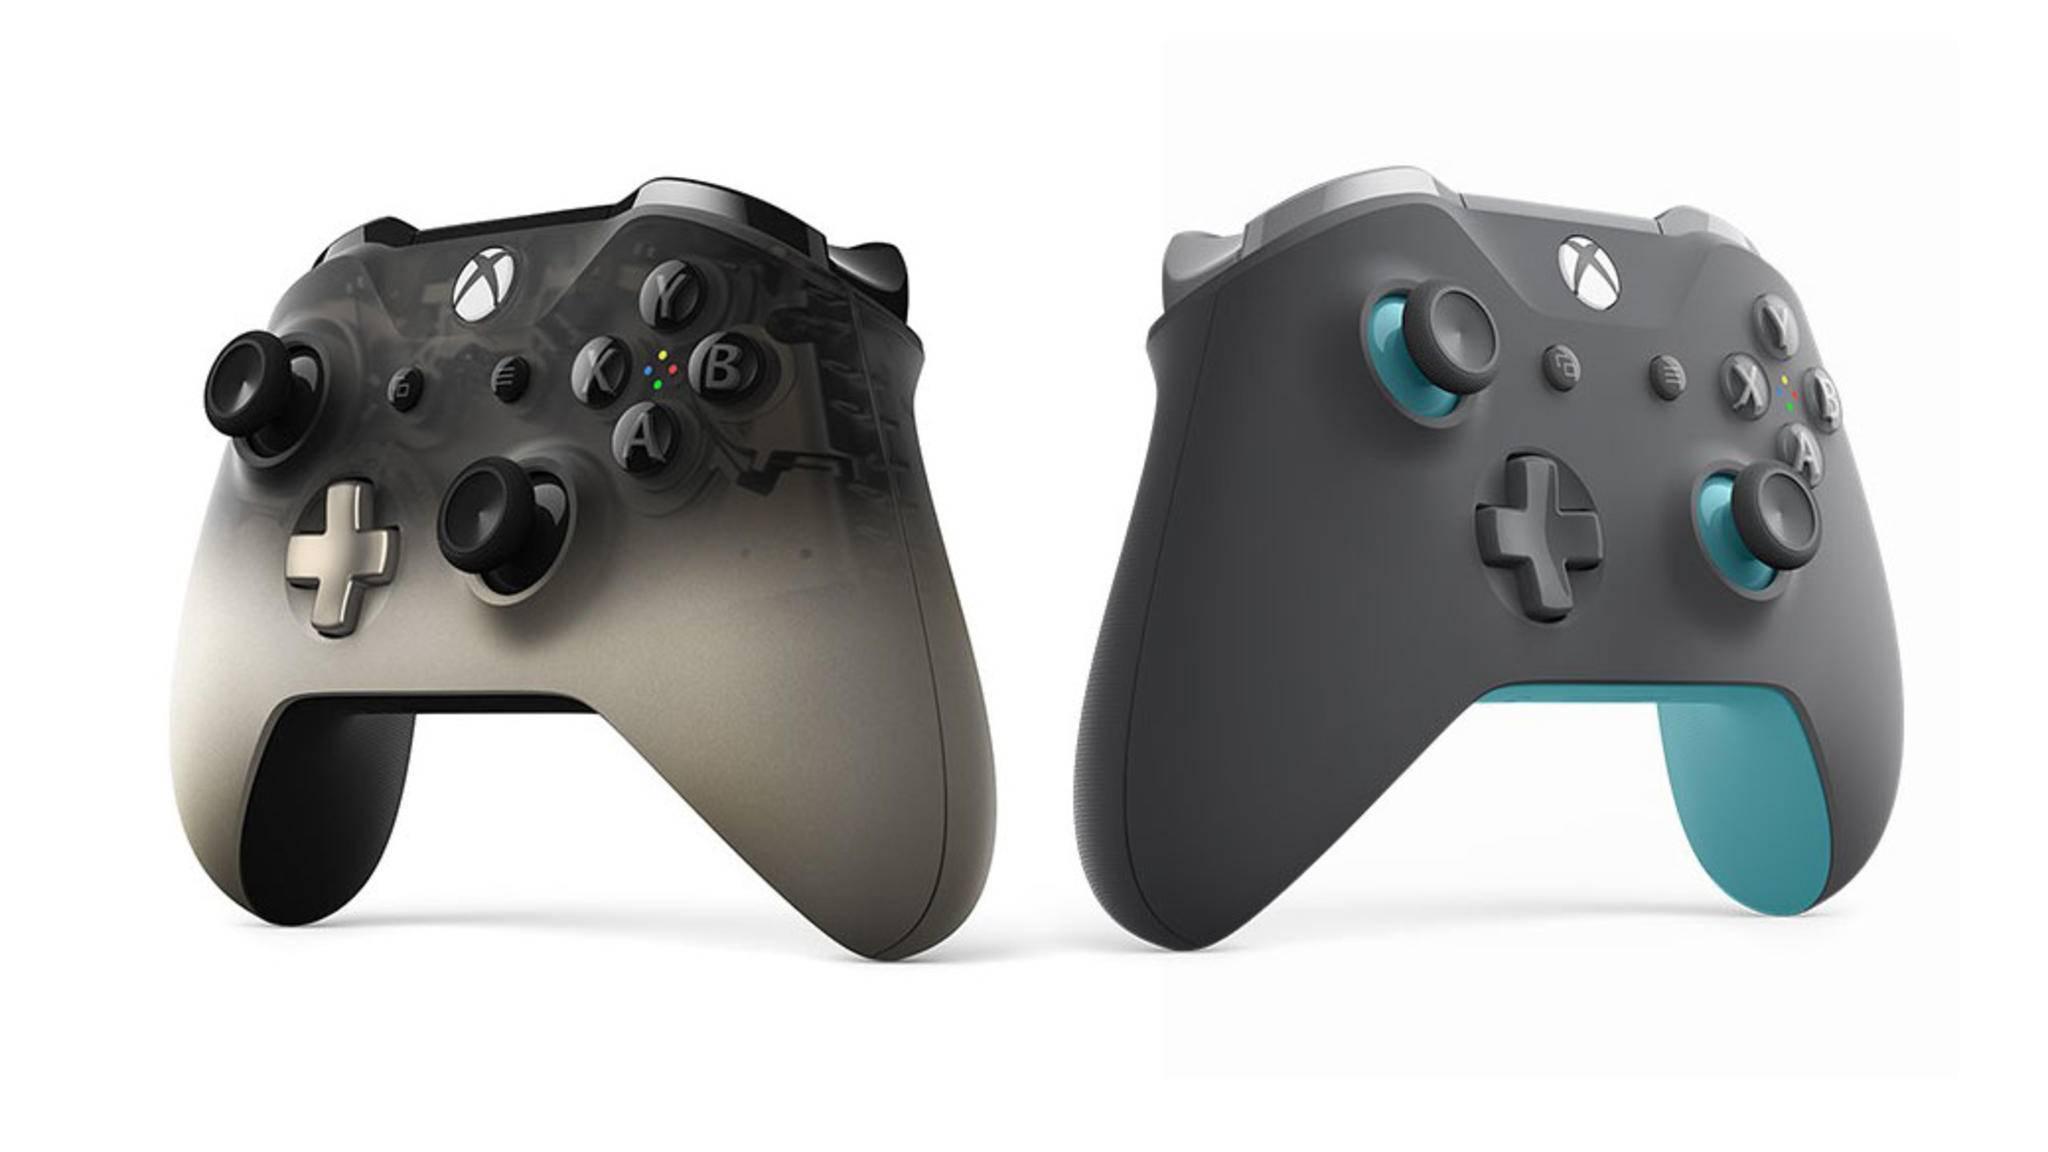 Beide neuen Xbox-One-Wireless-Controller werden für jeweils rund 65 Euro verkauft.